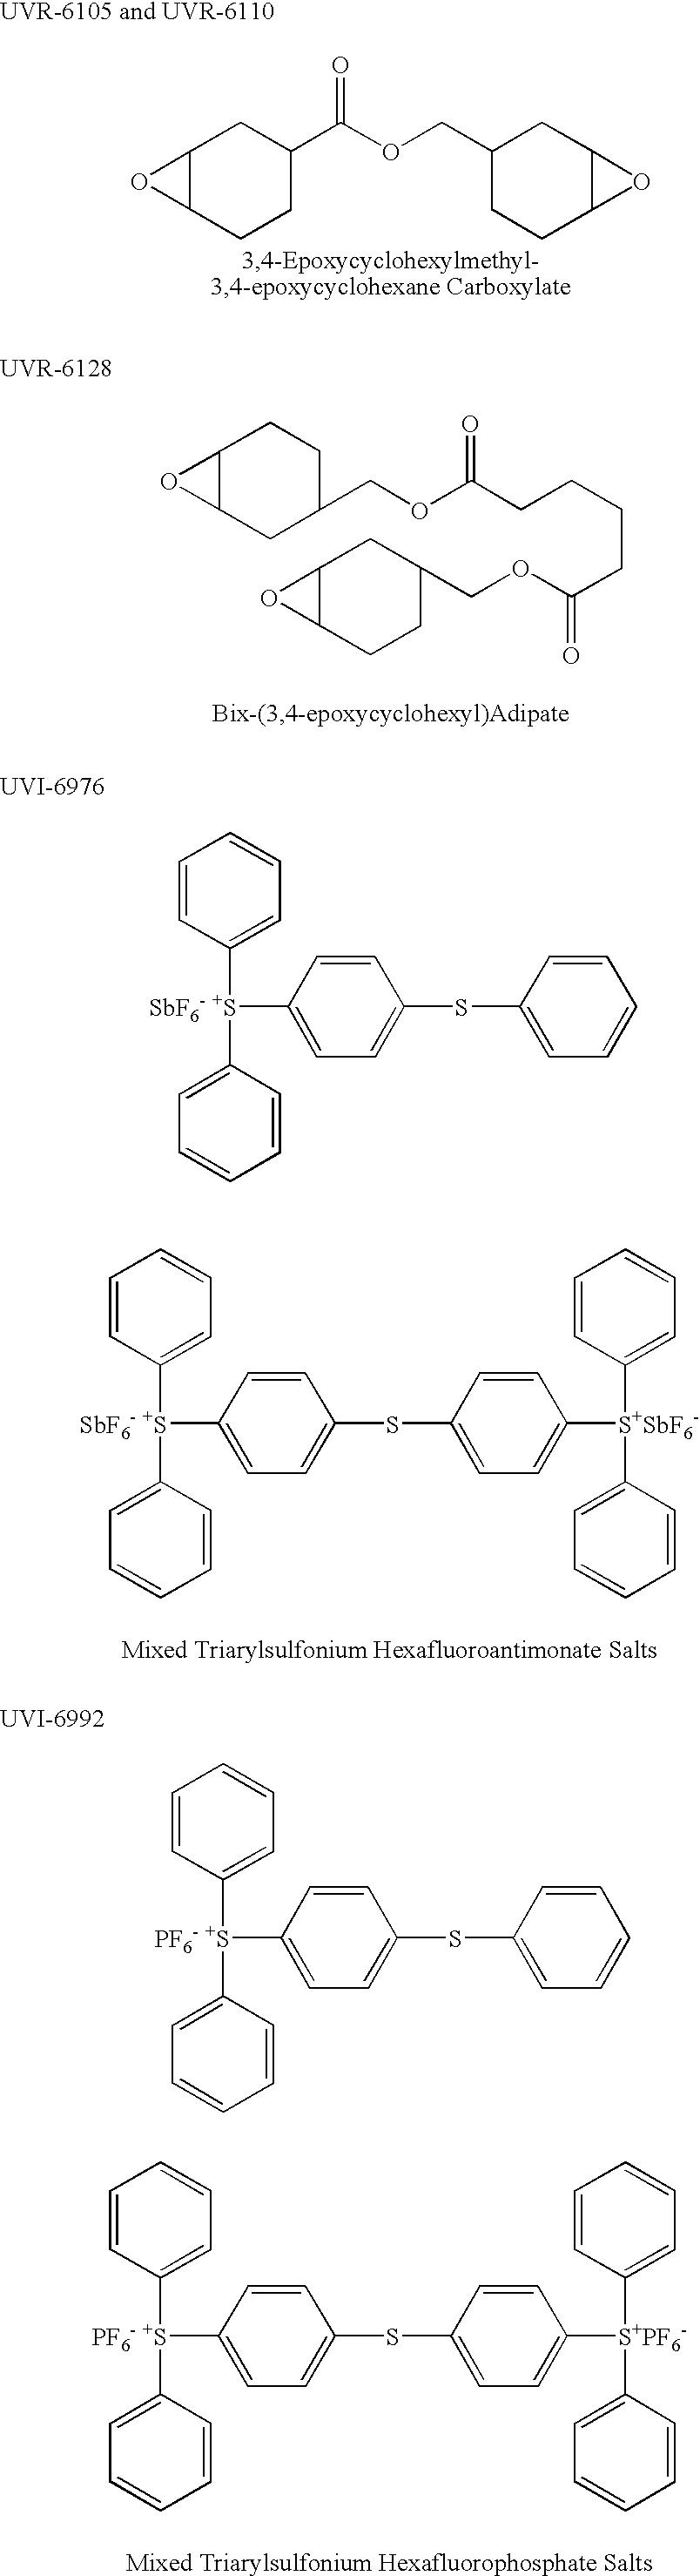 Figure US20050137278A1-20050623-C00001